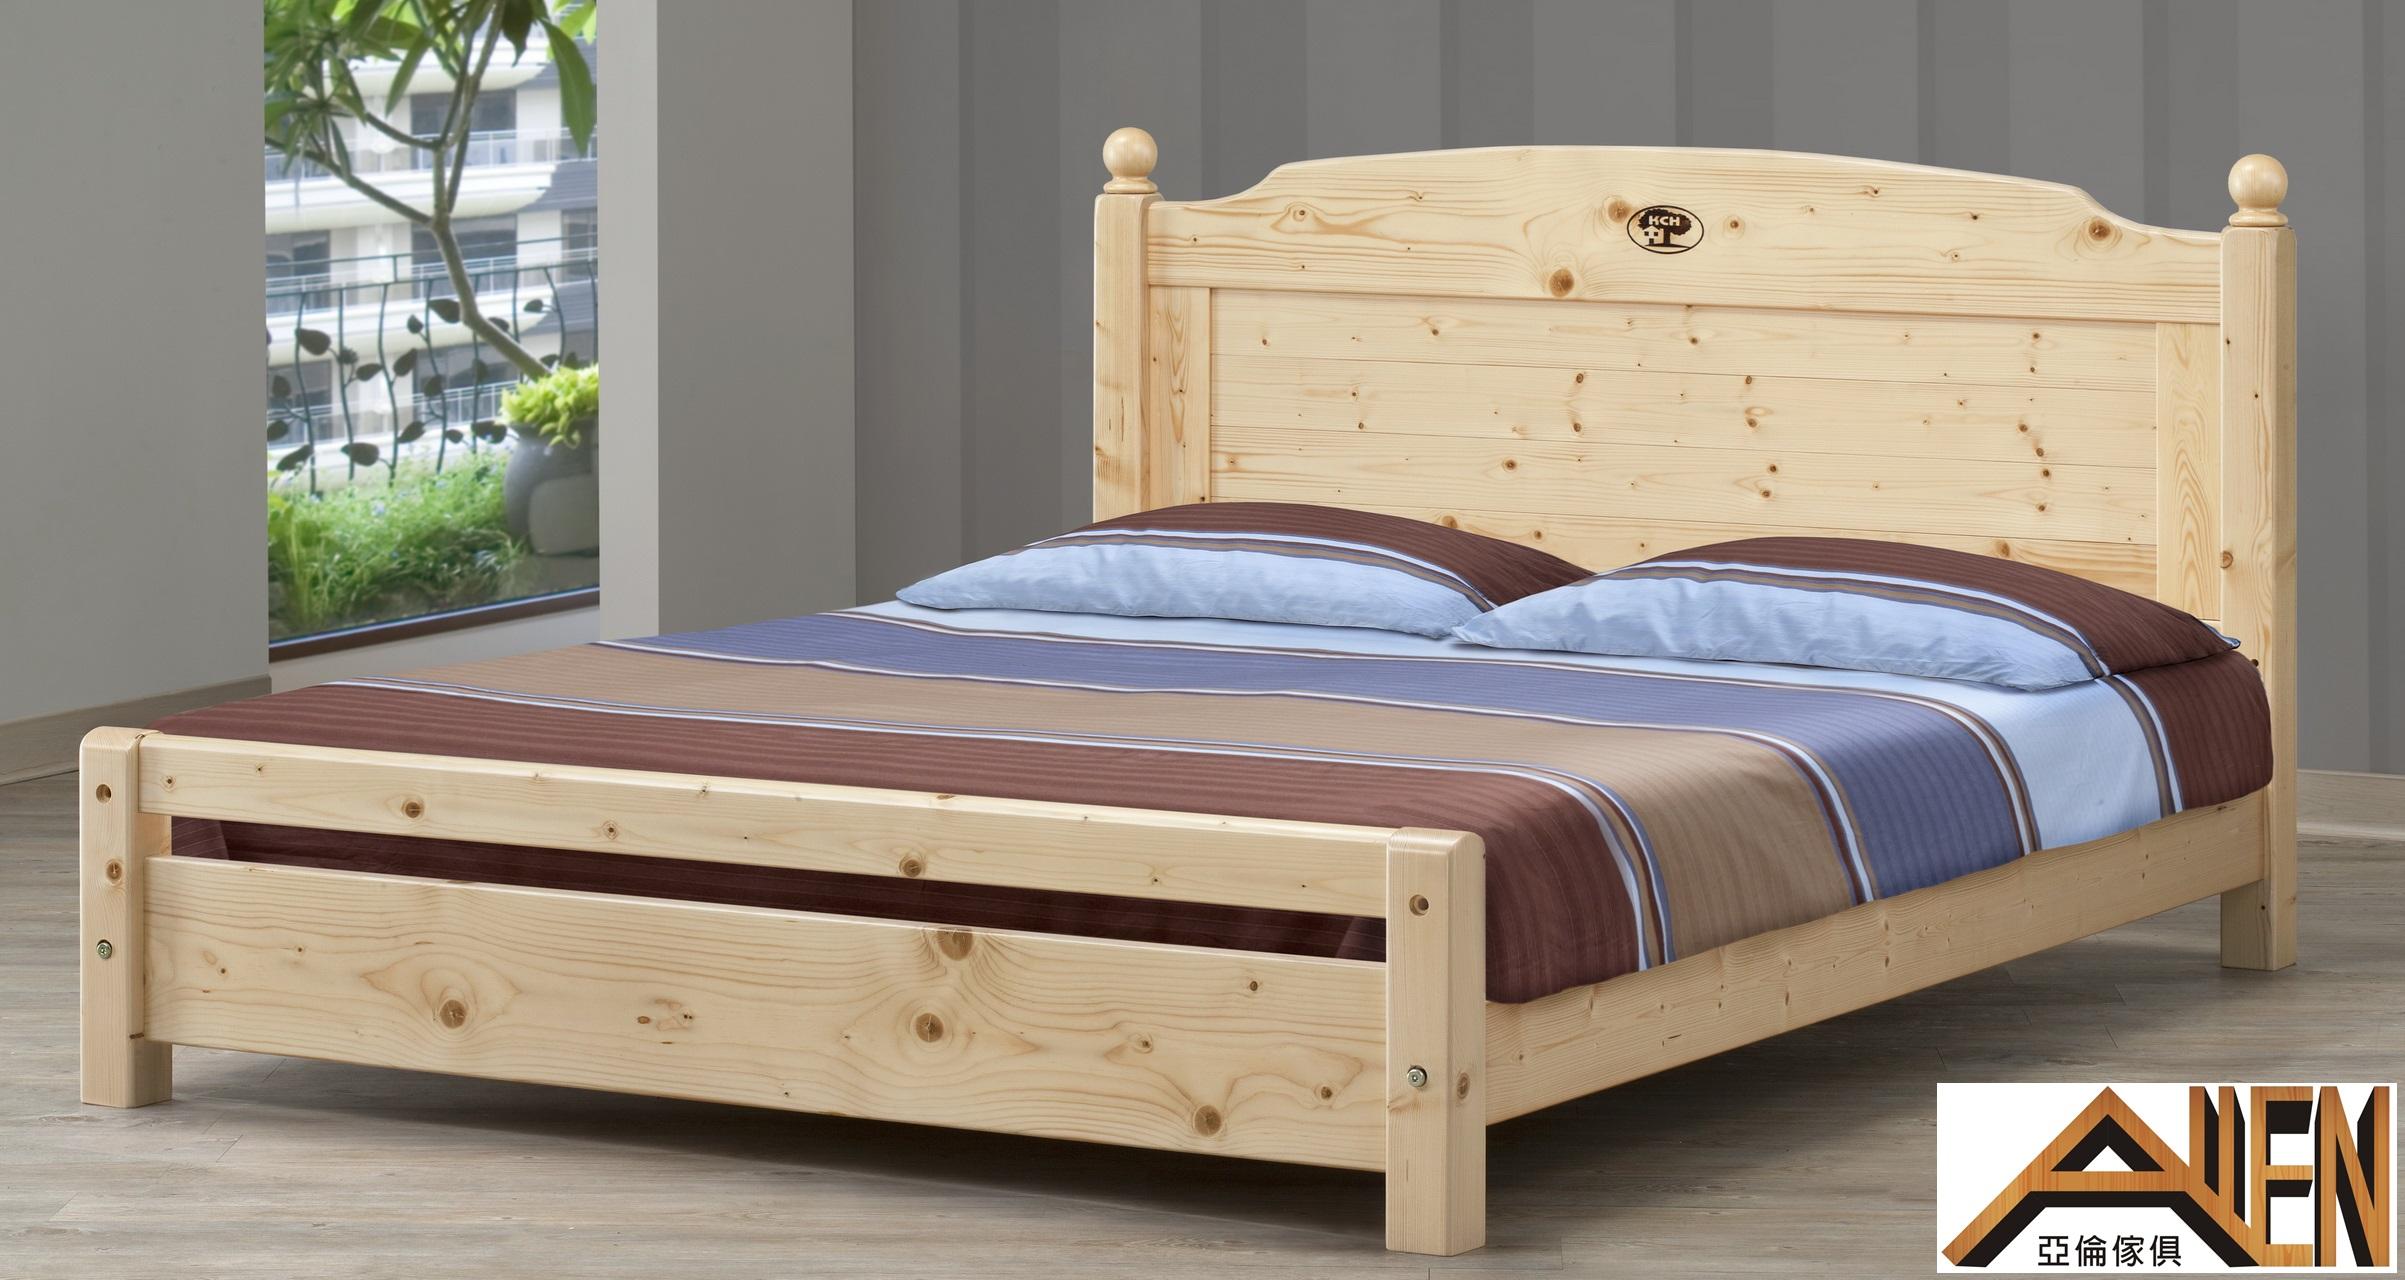 亞倫傢俱*山德勒松木實木5尺雙人床架